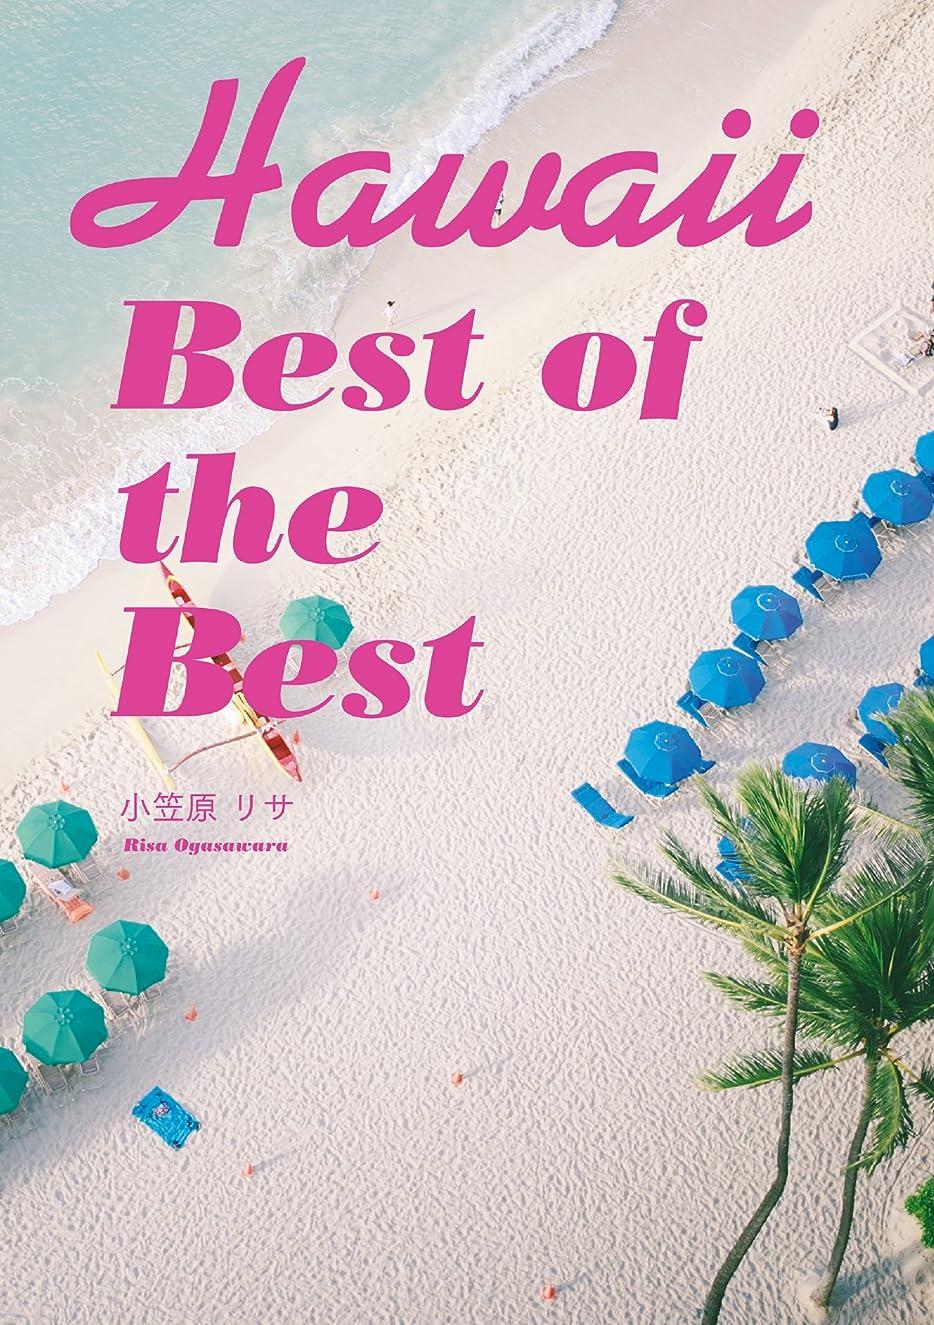 夫引き出し傾向Hawaii Best of the Best